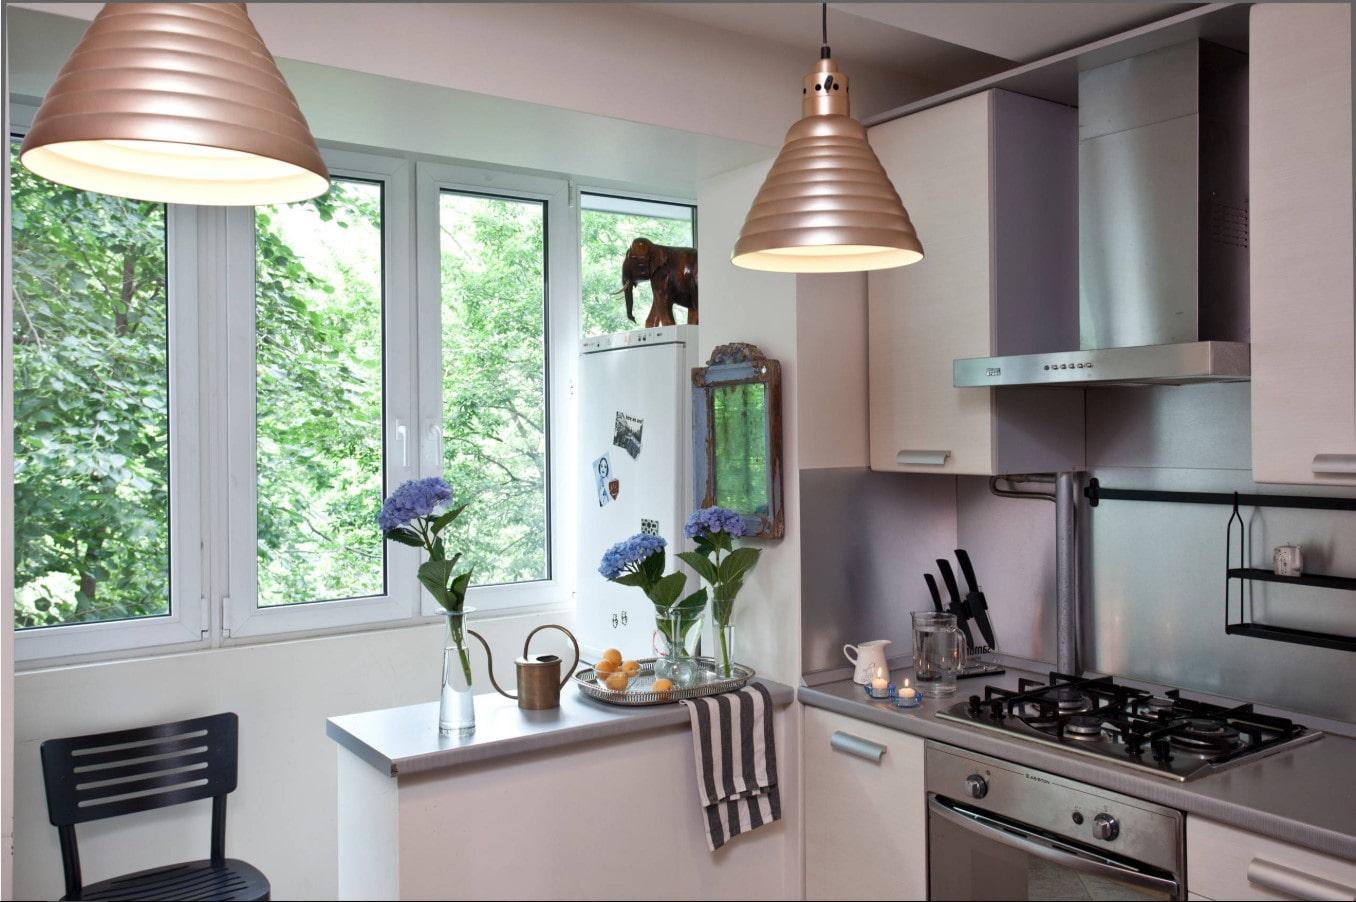 урочище, продление кухни на балкон фото шрамы судьбы залечит